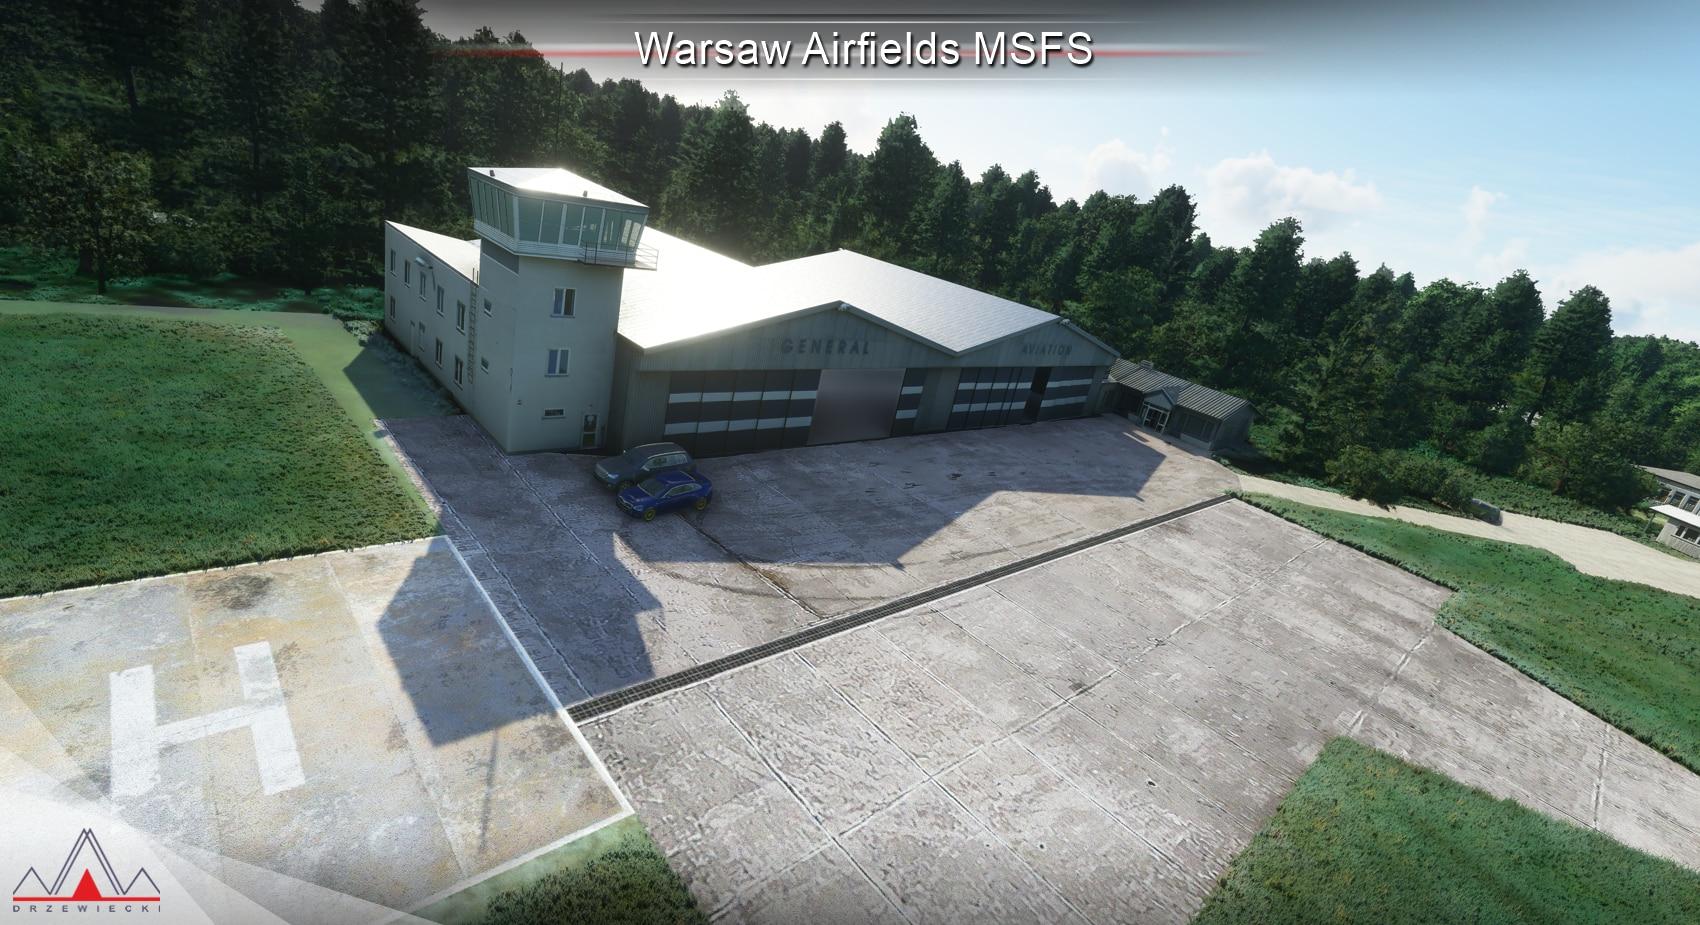 FREE : Drzewiecki Design – Warsaw Airfields MSFS